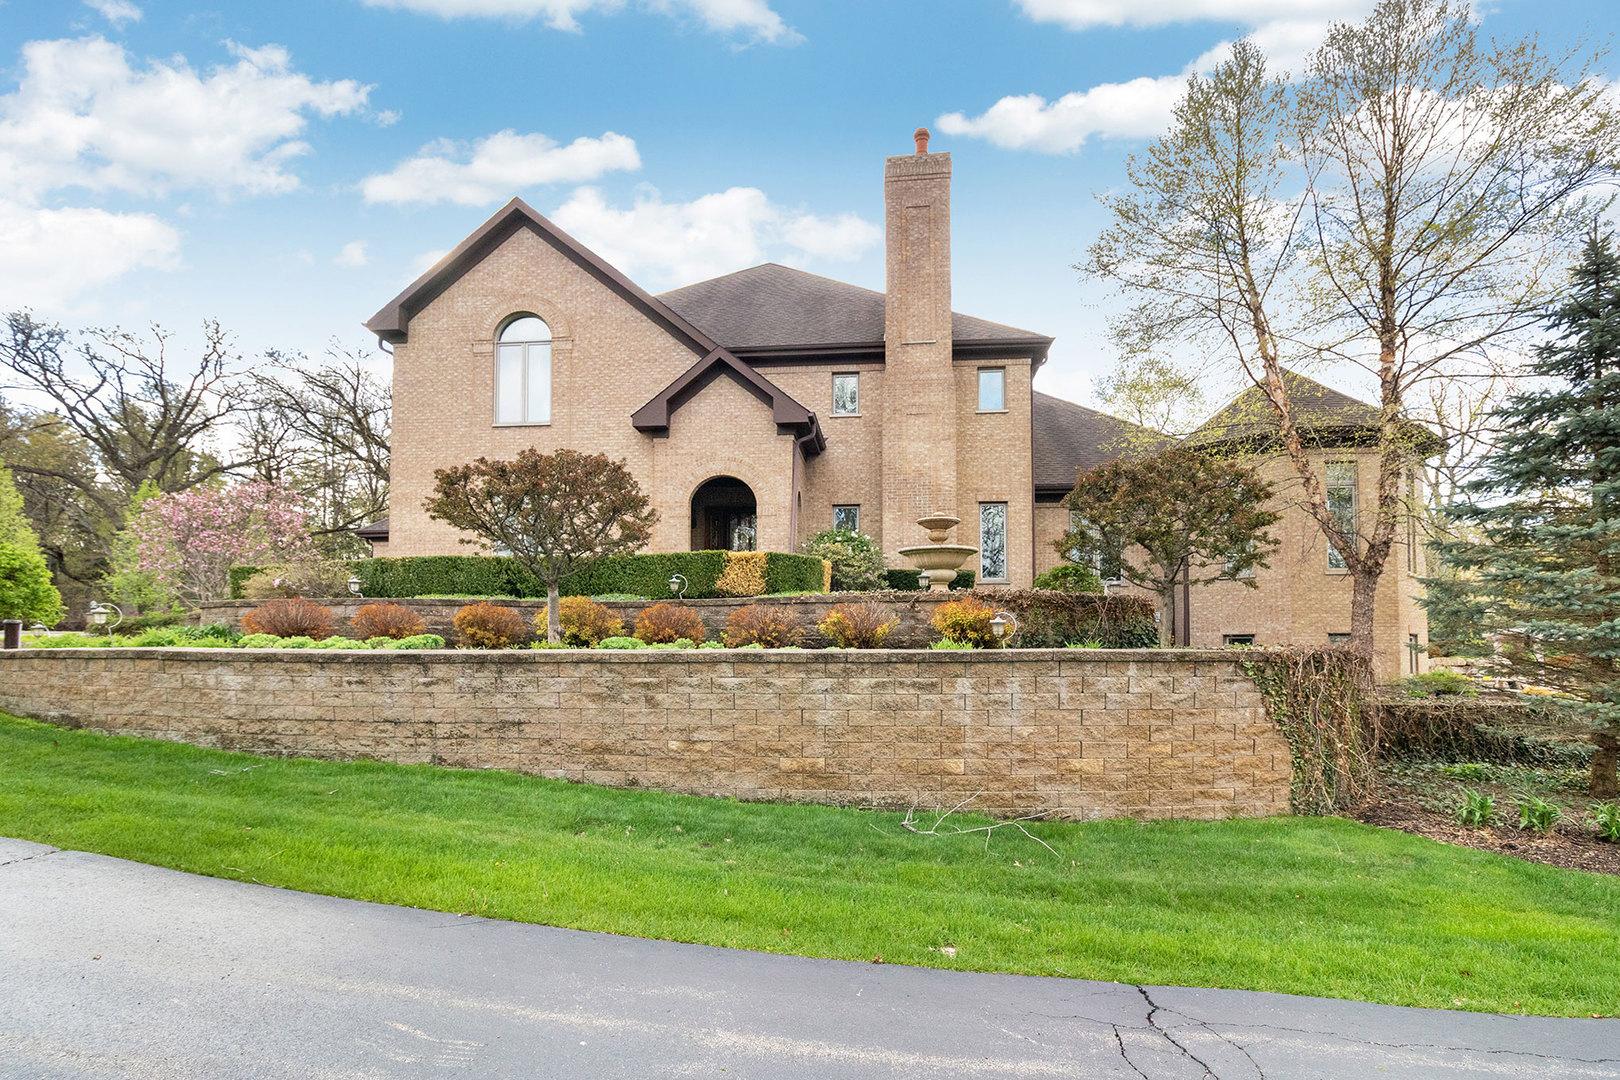 10018 Haegers Bend Road, Barrington Hills, Illinois 60010